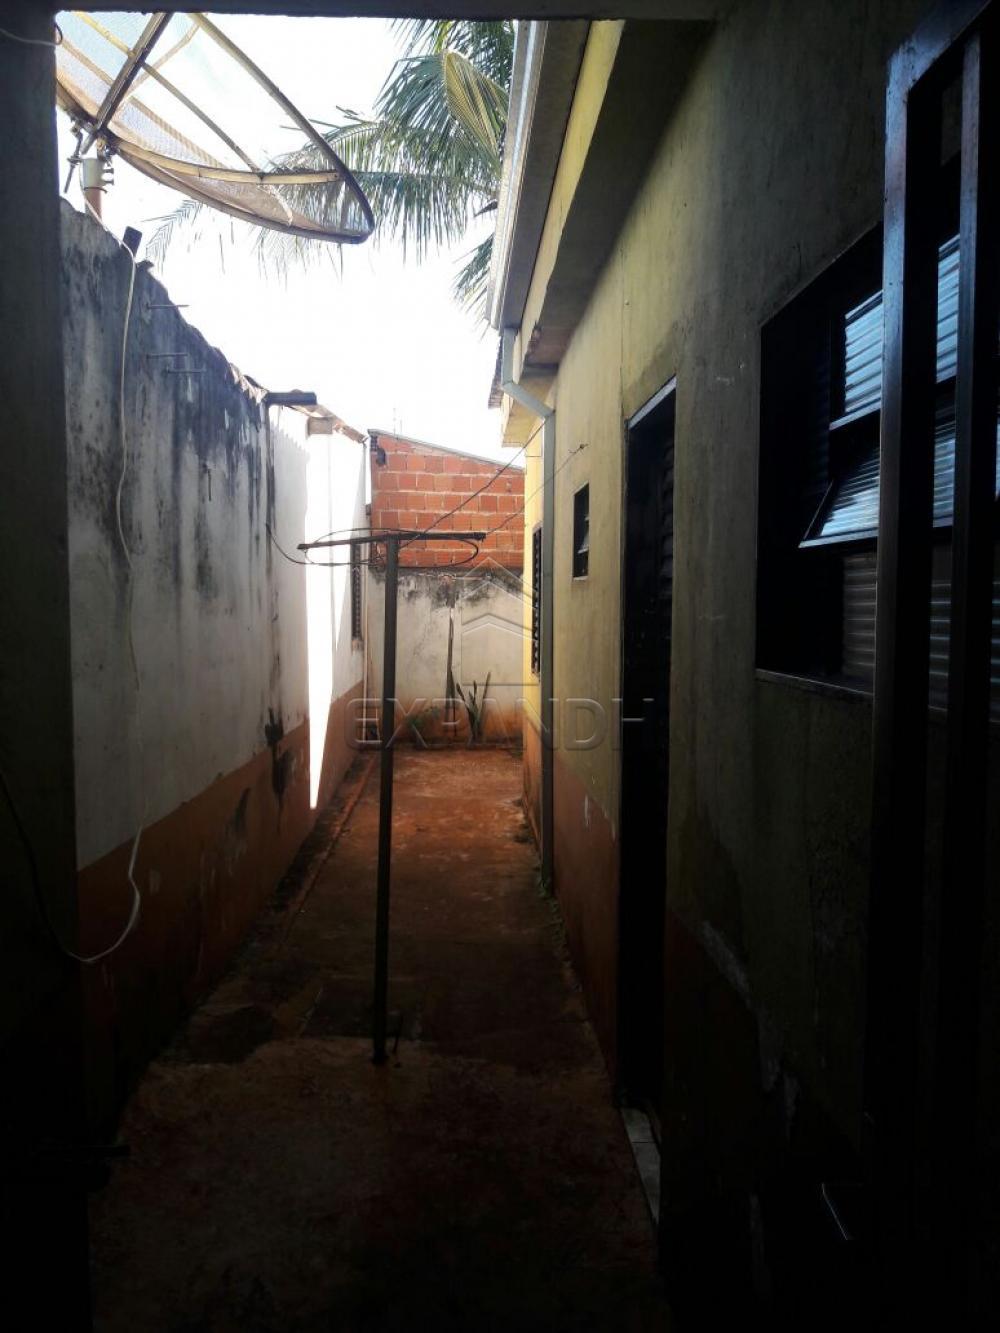 Comprar Casas / Padrão em Sertãozinho R$ 285.000,00 - Foto 19